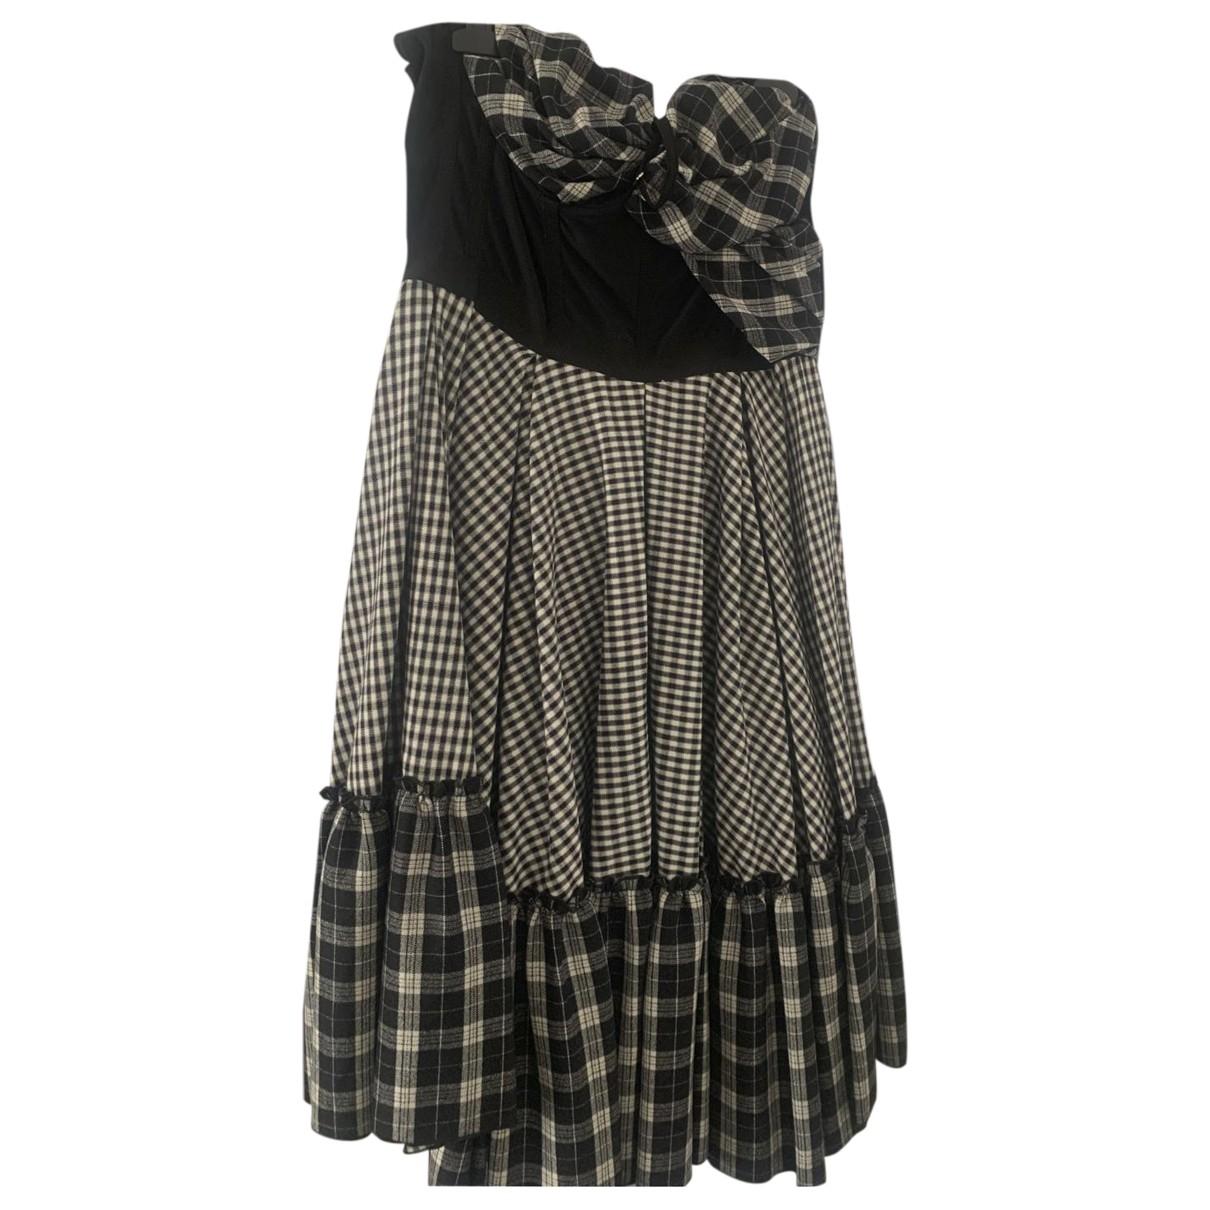 D&g \N Kleid in  Bunt Baumwolle - Elasthan